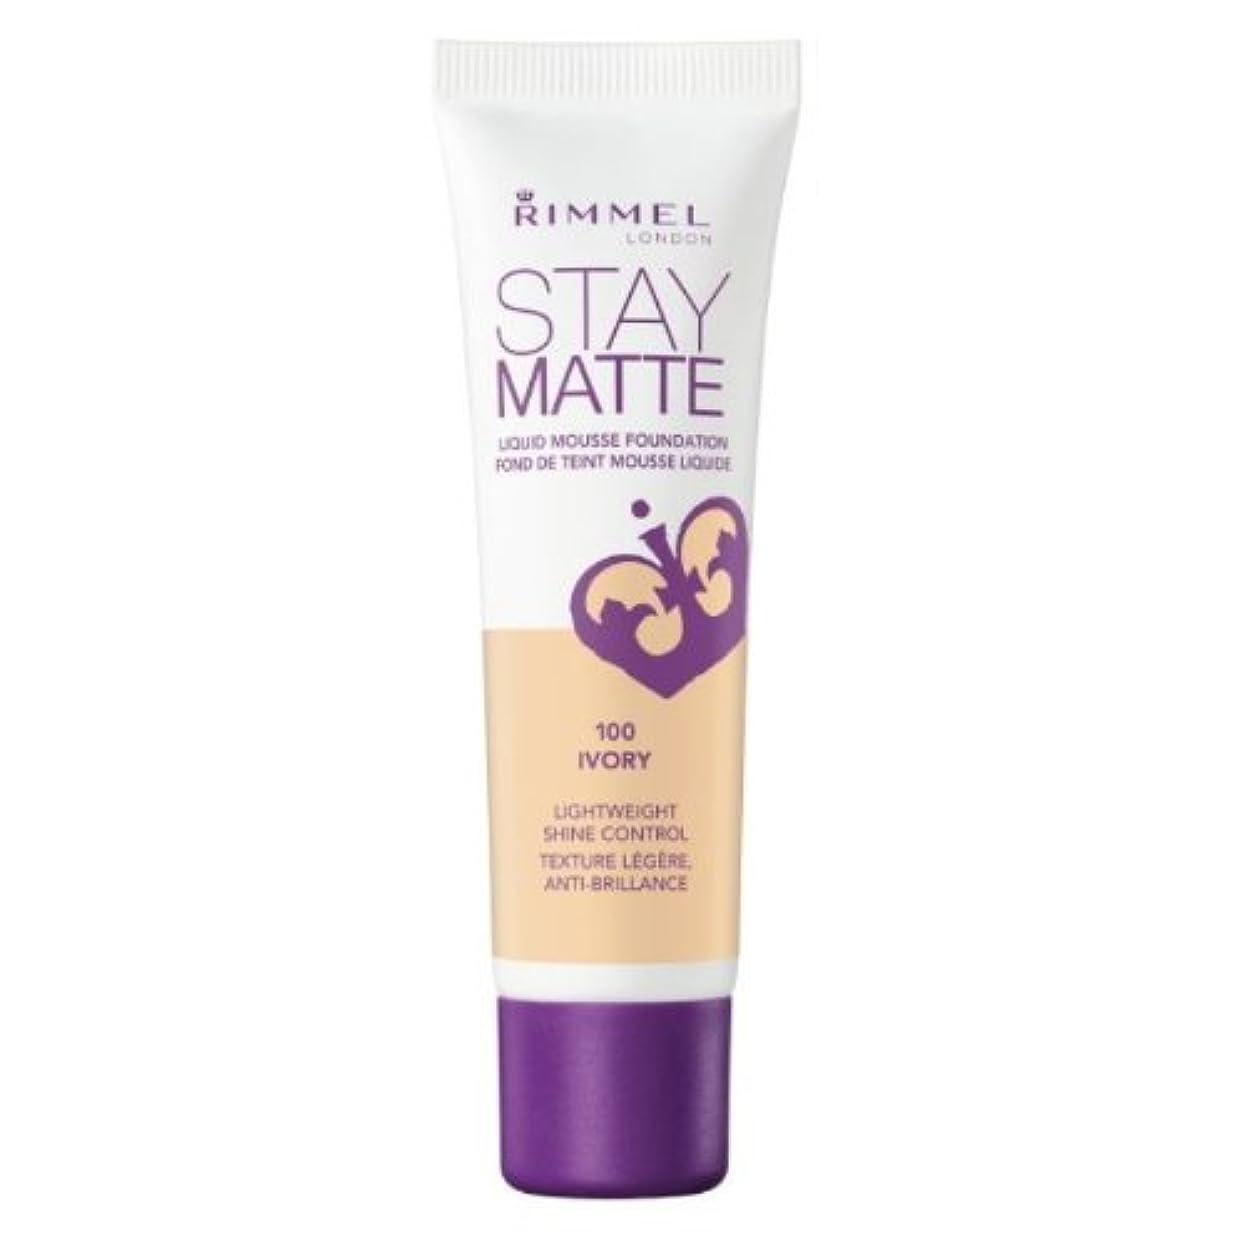 保育園遅い乳白色(3 Pack) RIMMEL LONDON Stay Matte Liquid Mousse Foundation - Ivory (並行輸入品)